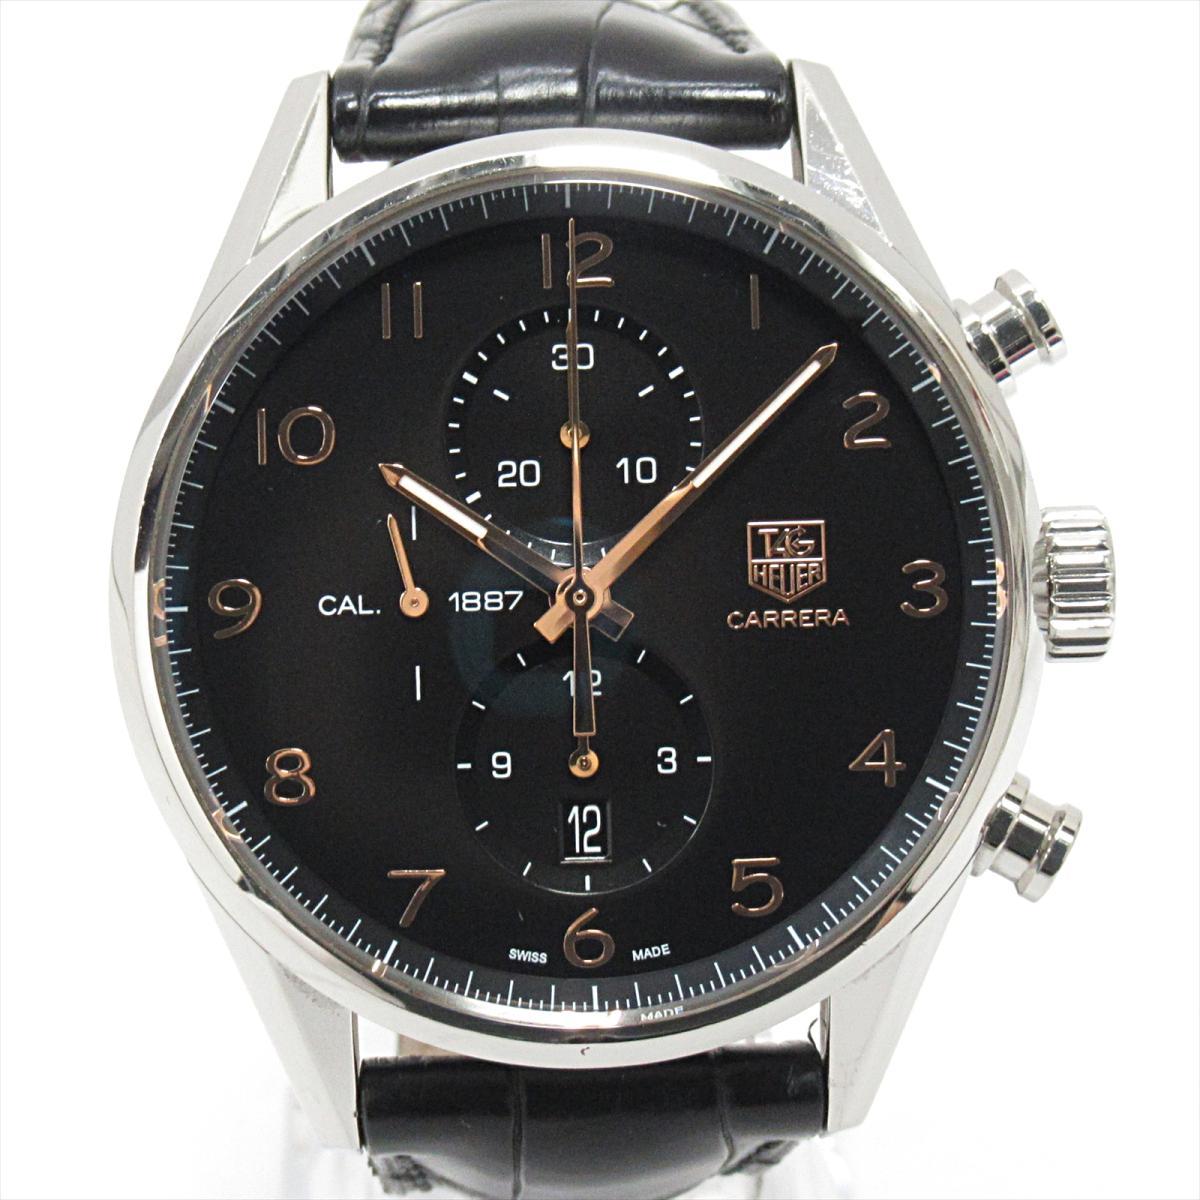 【中古】 タグ (SS)・ホイヤー カレラ クロノグラフ メンズ 腕時計 ウォッチ メンズ 自動巻き ステンレススチール (SS) x レザーベルト (CAR2014) | TAG HEUER オートマチック 自動巻き 時計 カレラクロノグラフ 美品 ブランドオフ, グッドライブ:3c5bd6e3 --- cgt-tbc.fr